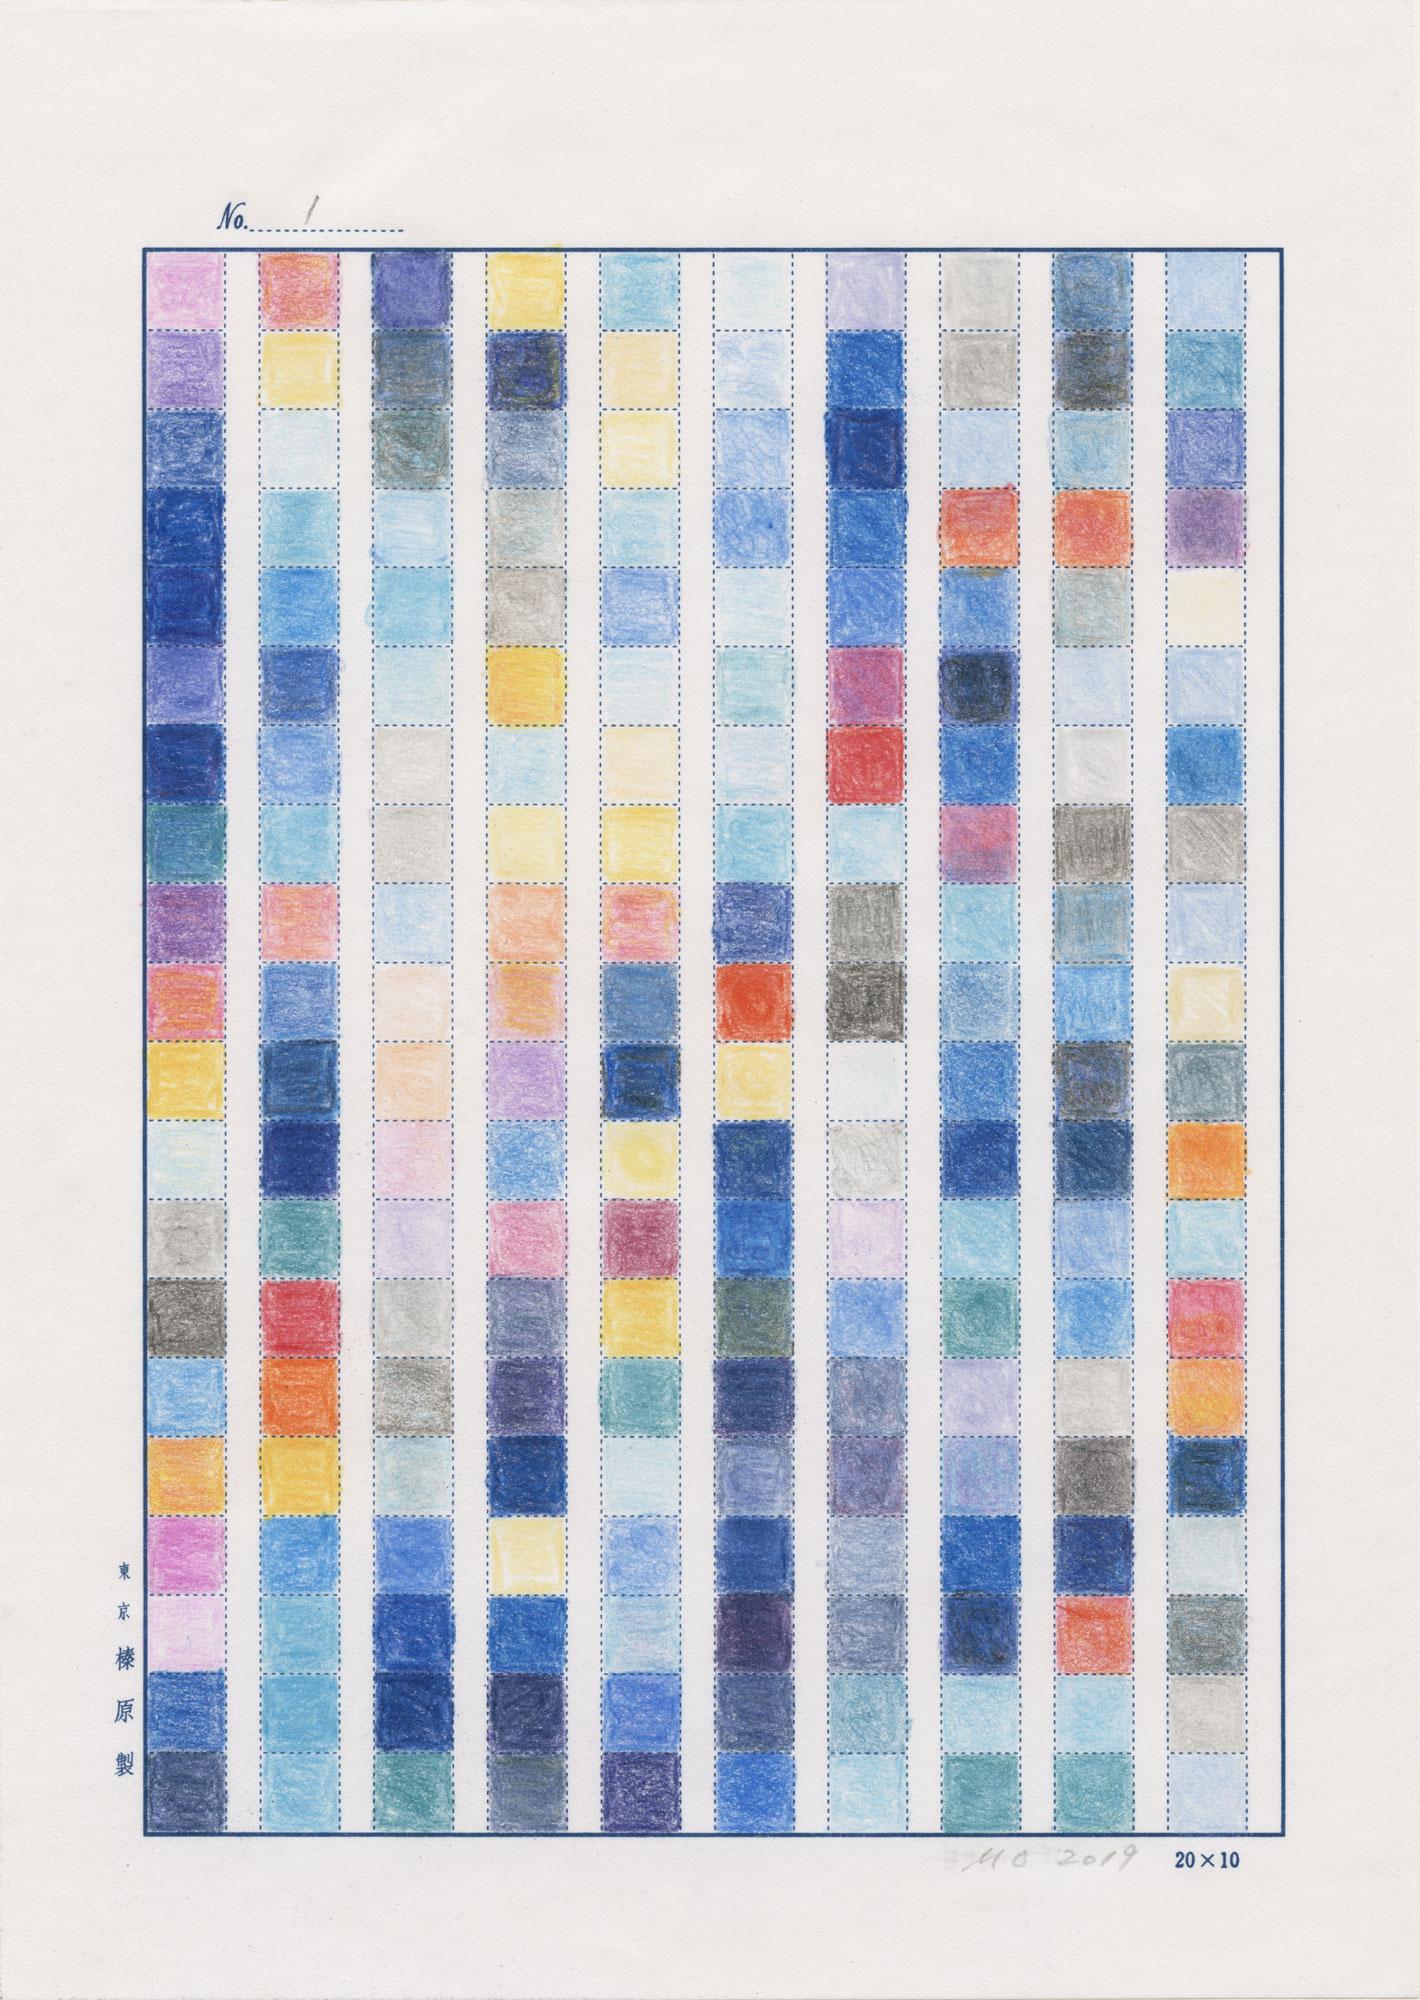 """上を向いて歩こう   (No.1, 1983-2019, an ongoing project), color pencil on manuscript paper and international mail, 9-49/64"""" x 6-15/16"""" (24.8 cm x 17.6 cm), sent to Joetsu-shi, Niigata, JAPAN from New York NY, USA"""